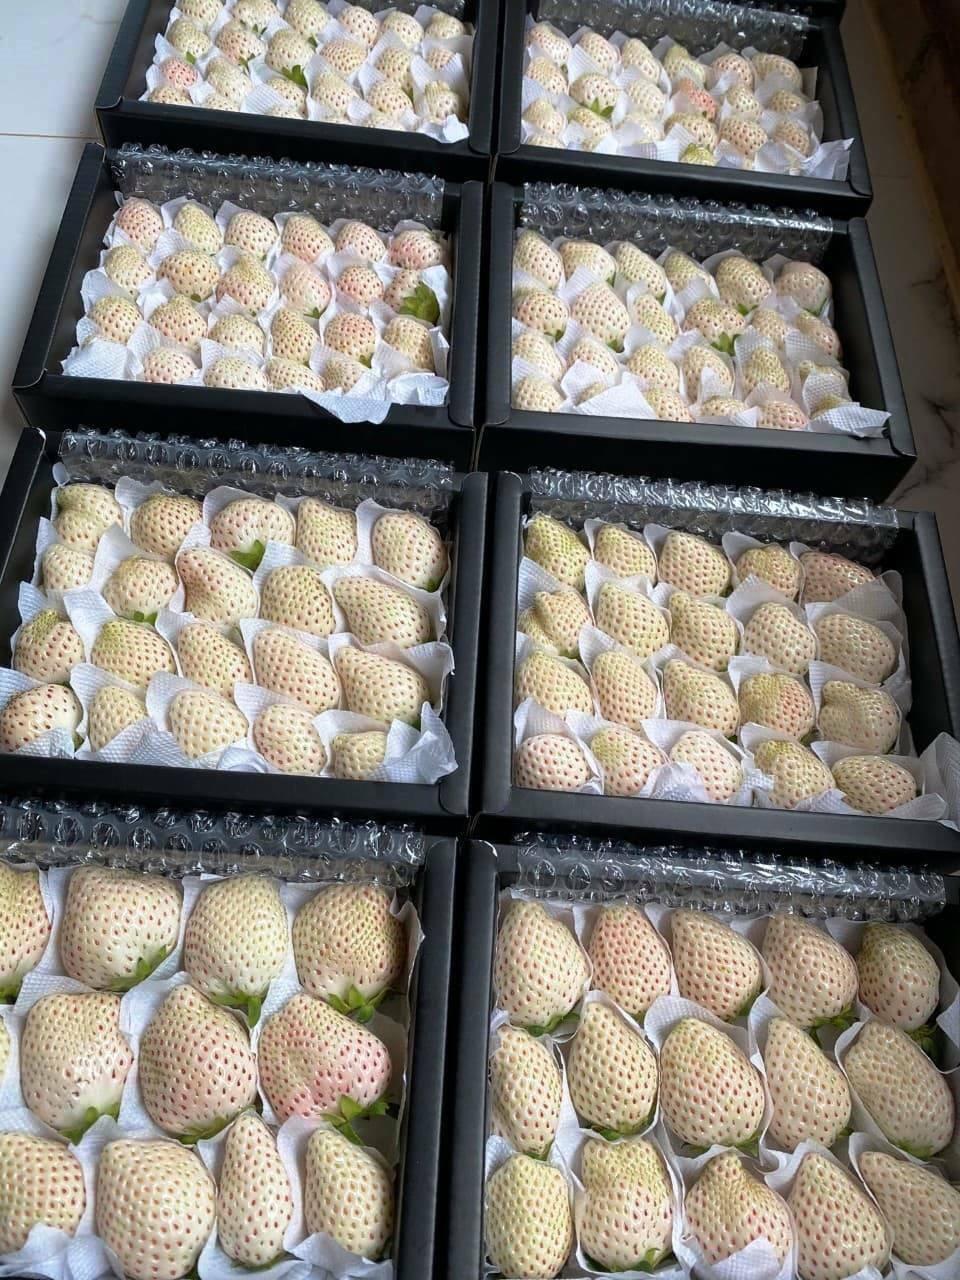 Sức hút kỳ lạ của dâu tây Bạch Tuyết giá gần 2 triệu đồng/kg - Ảnh 6.